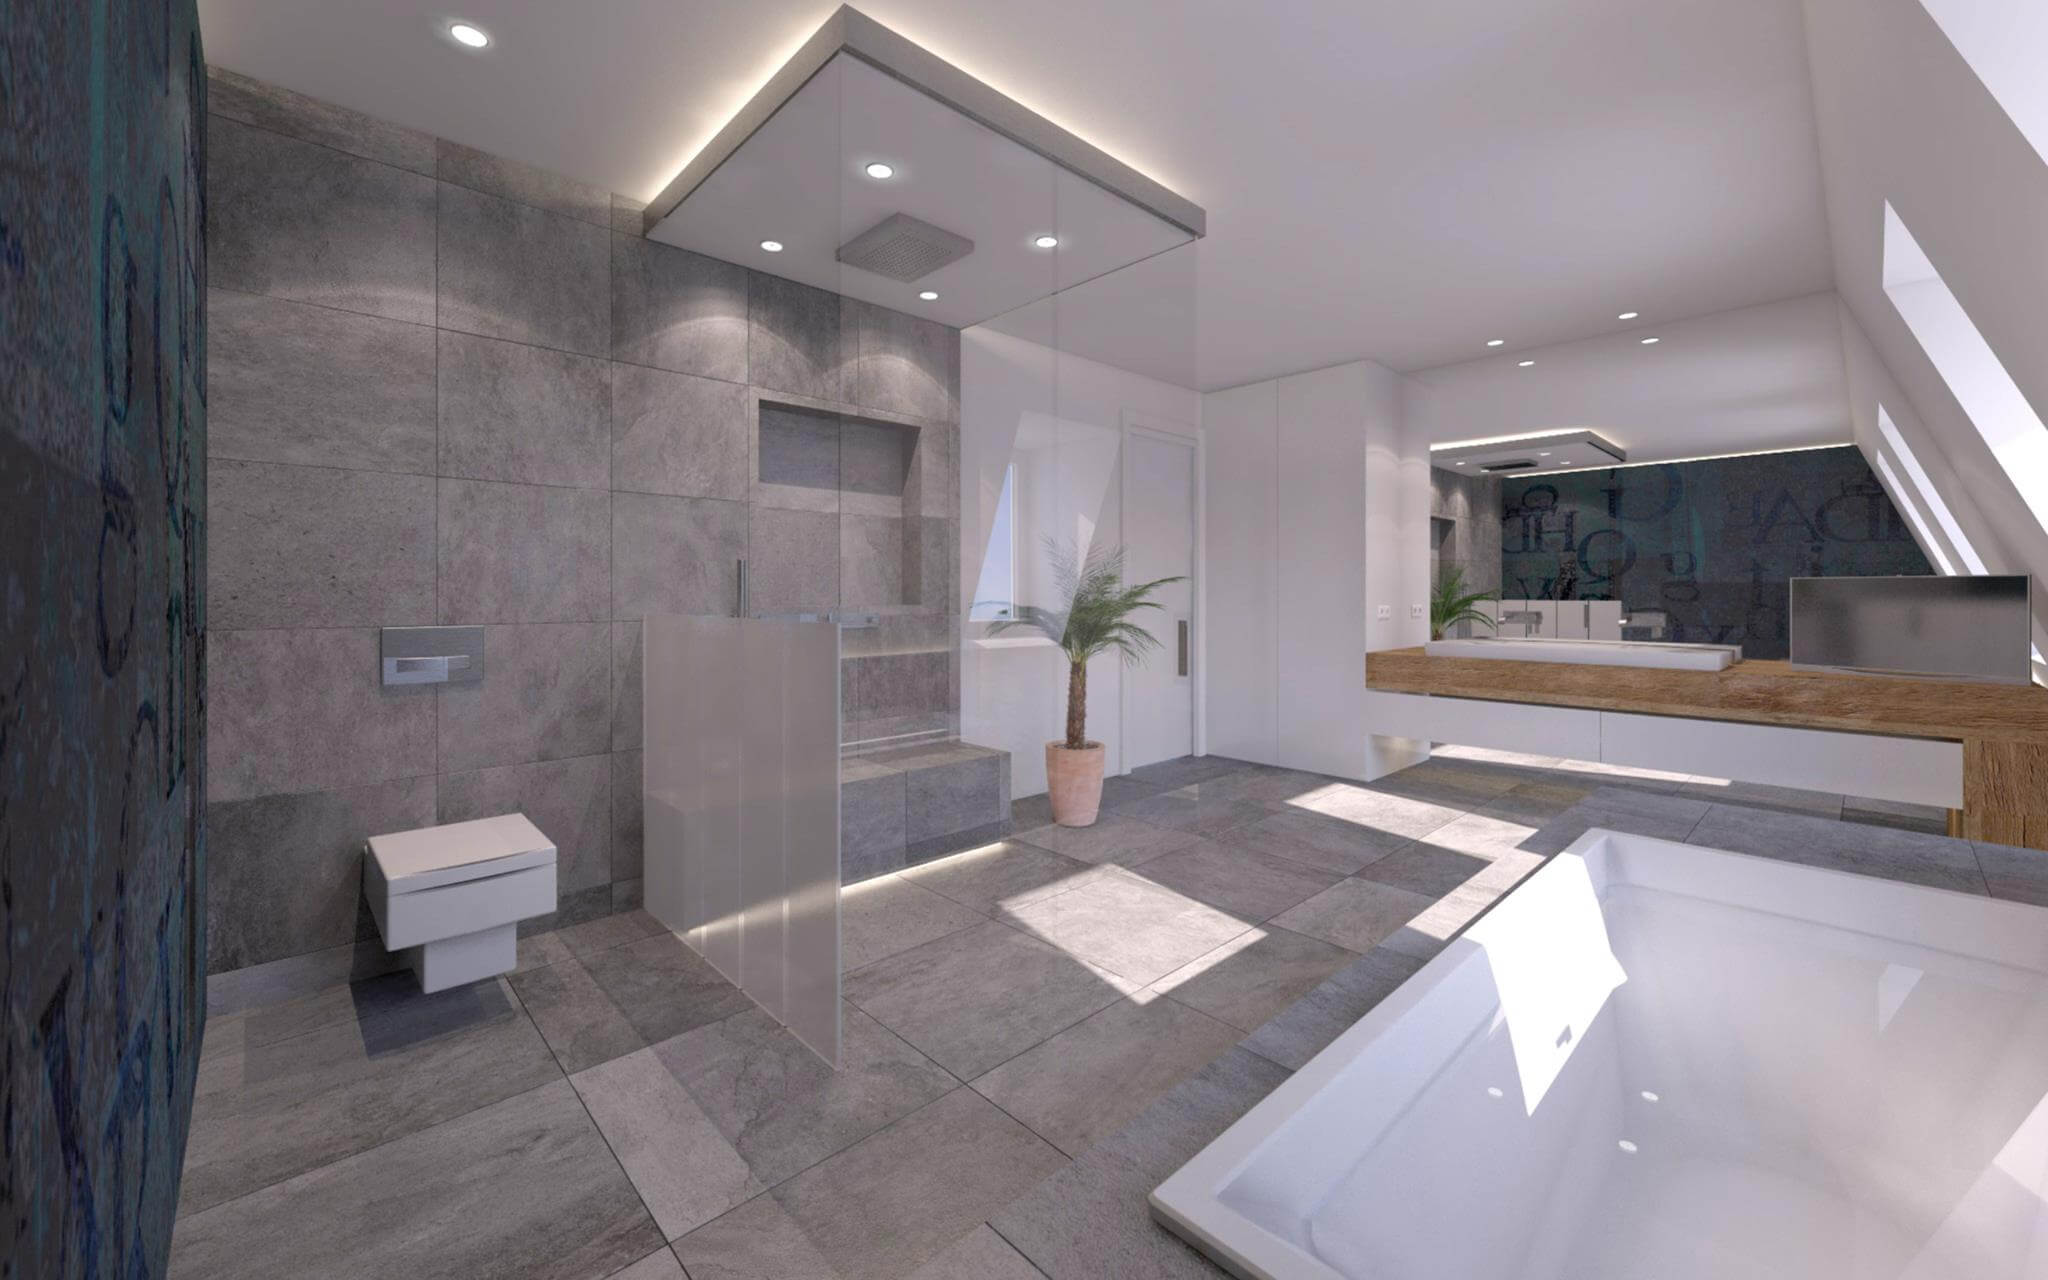 Elegant 3dminimalistische Badezimmer Designs Wohnideen Einrichten